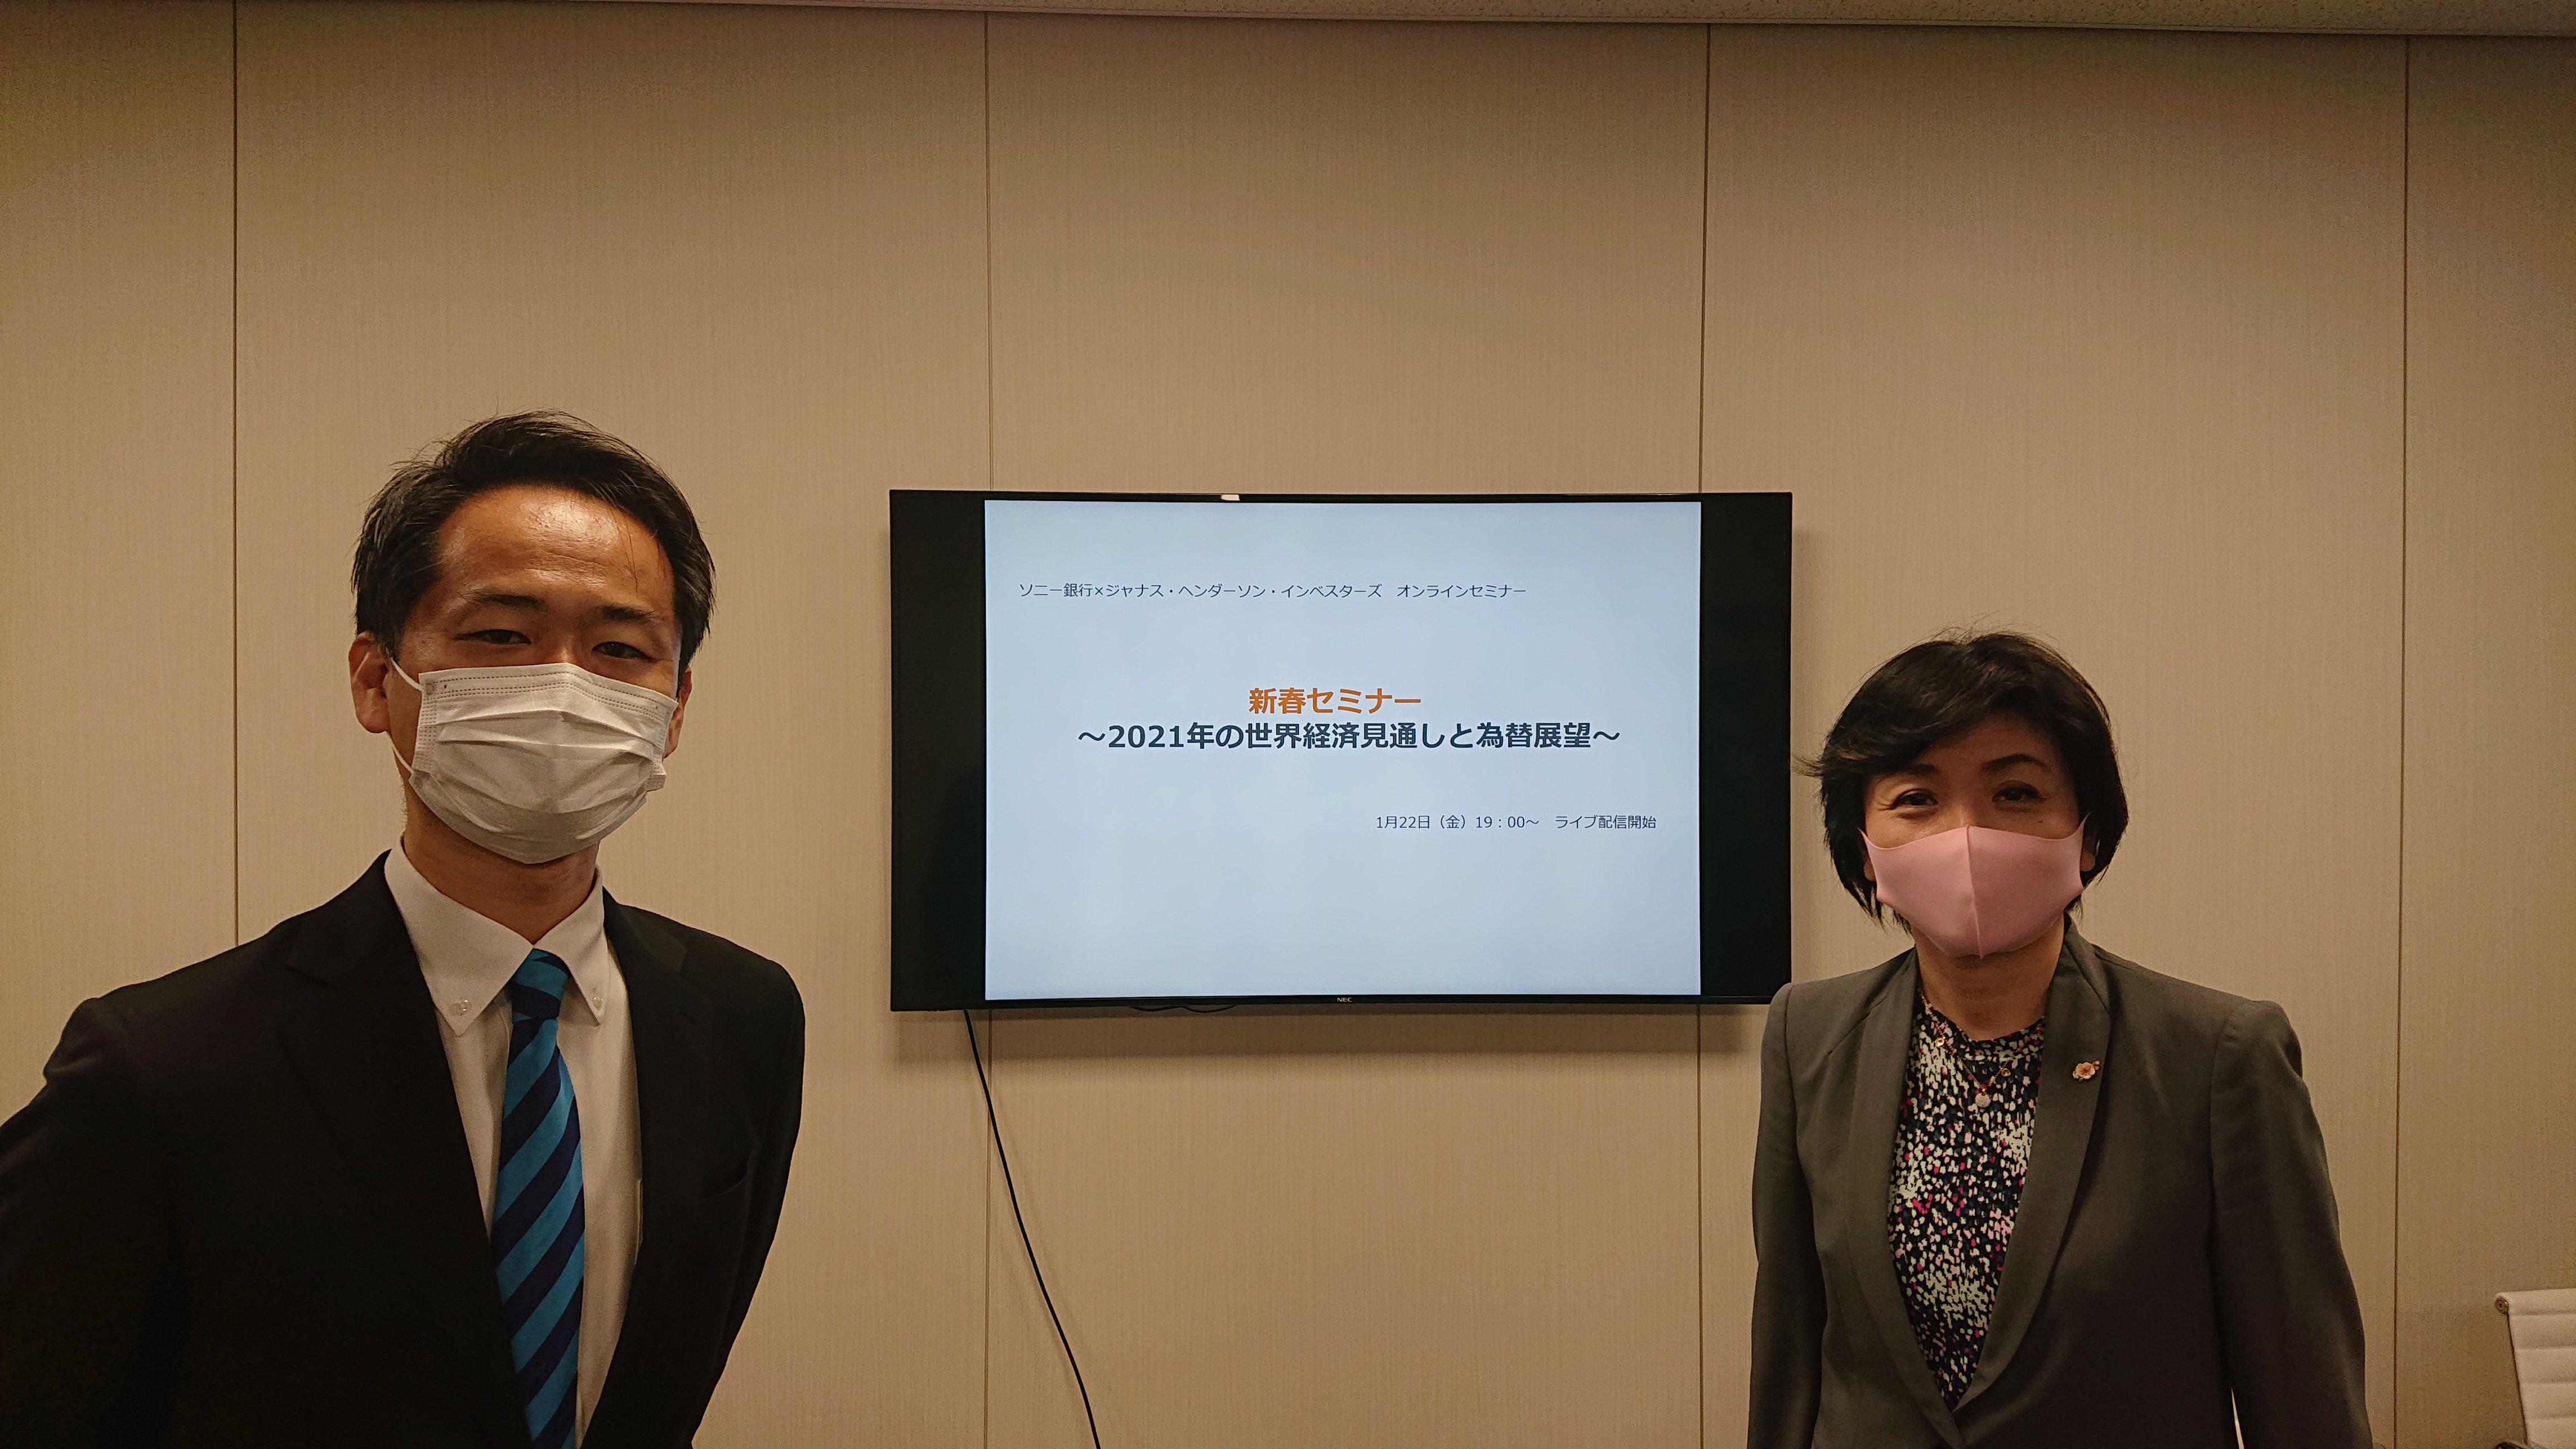 左:松岡健太郎さん 右:尾河眞樹さん